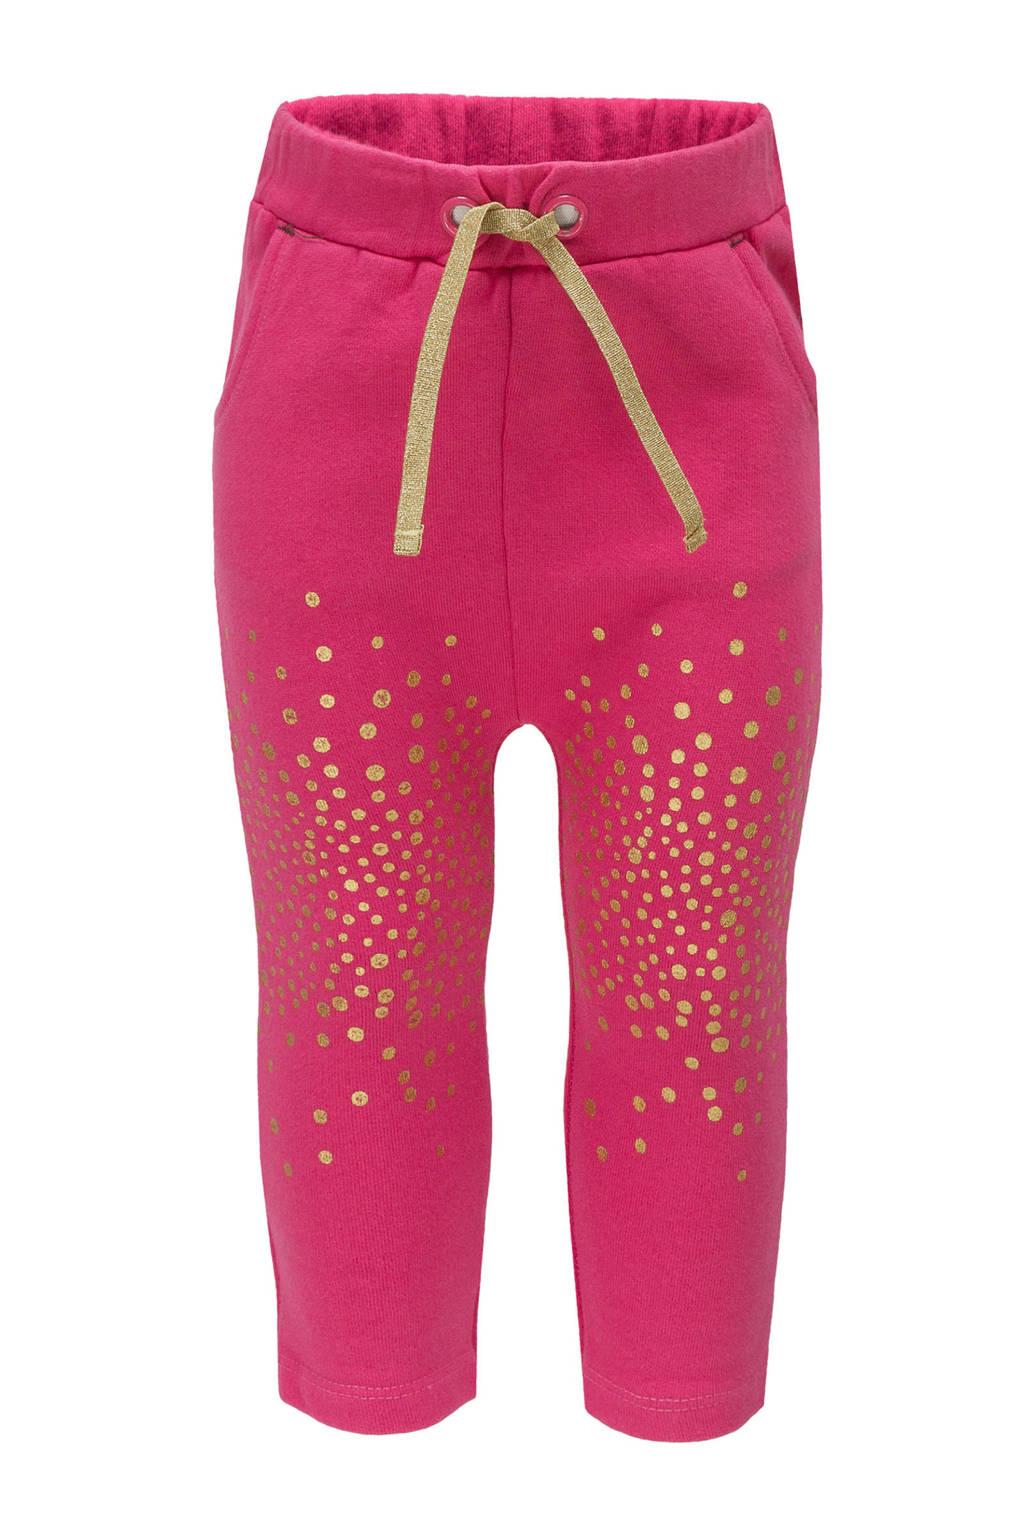 lief! sweatpants opdruk roze, Roze